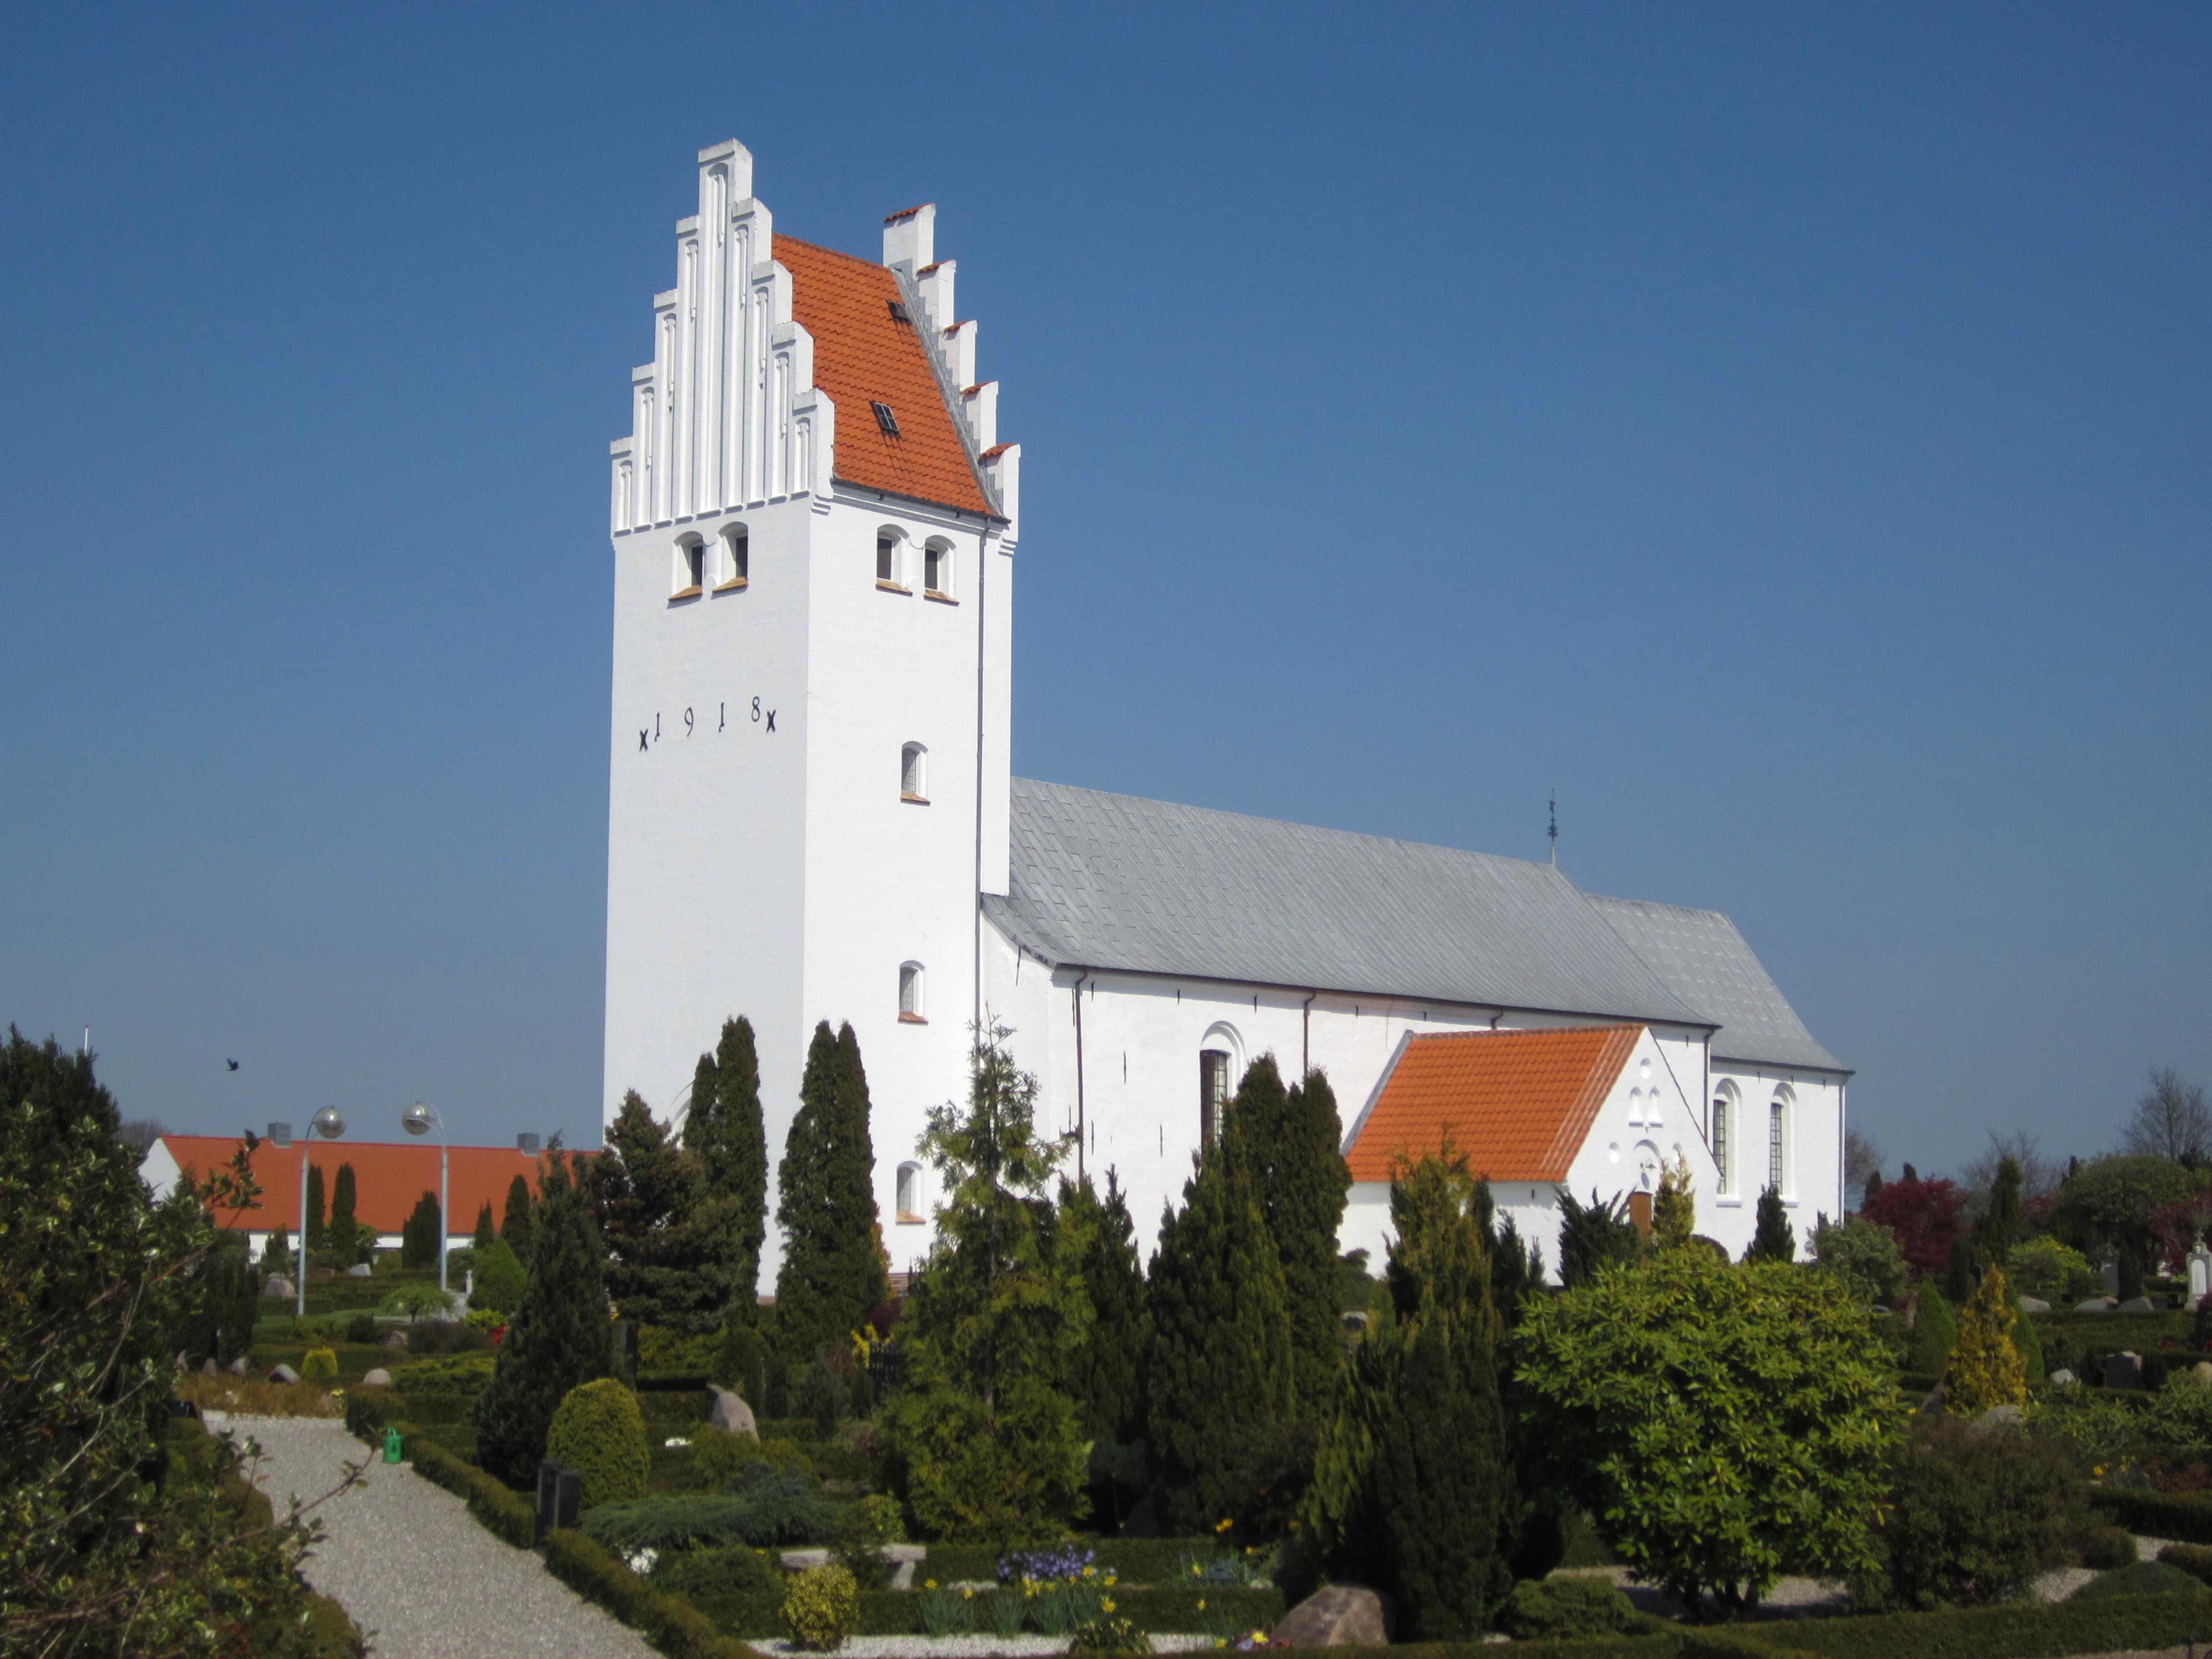 gauerslund kirke